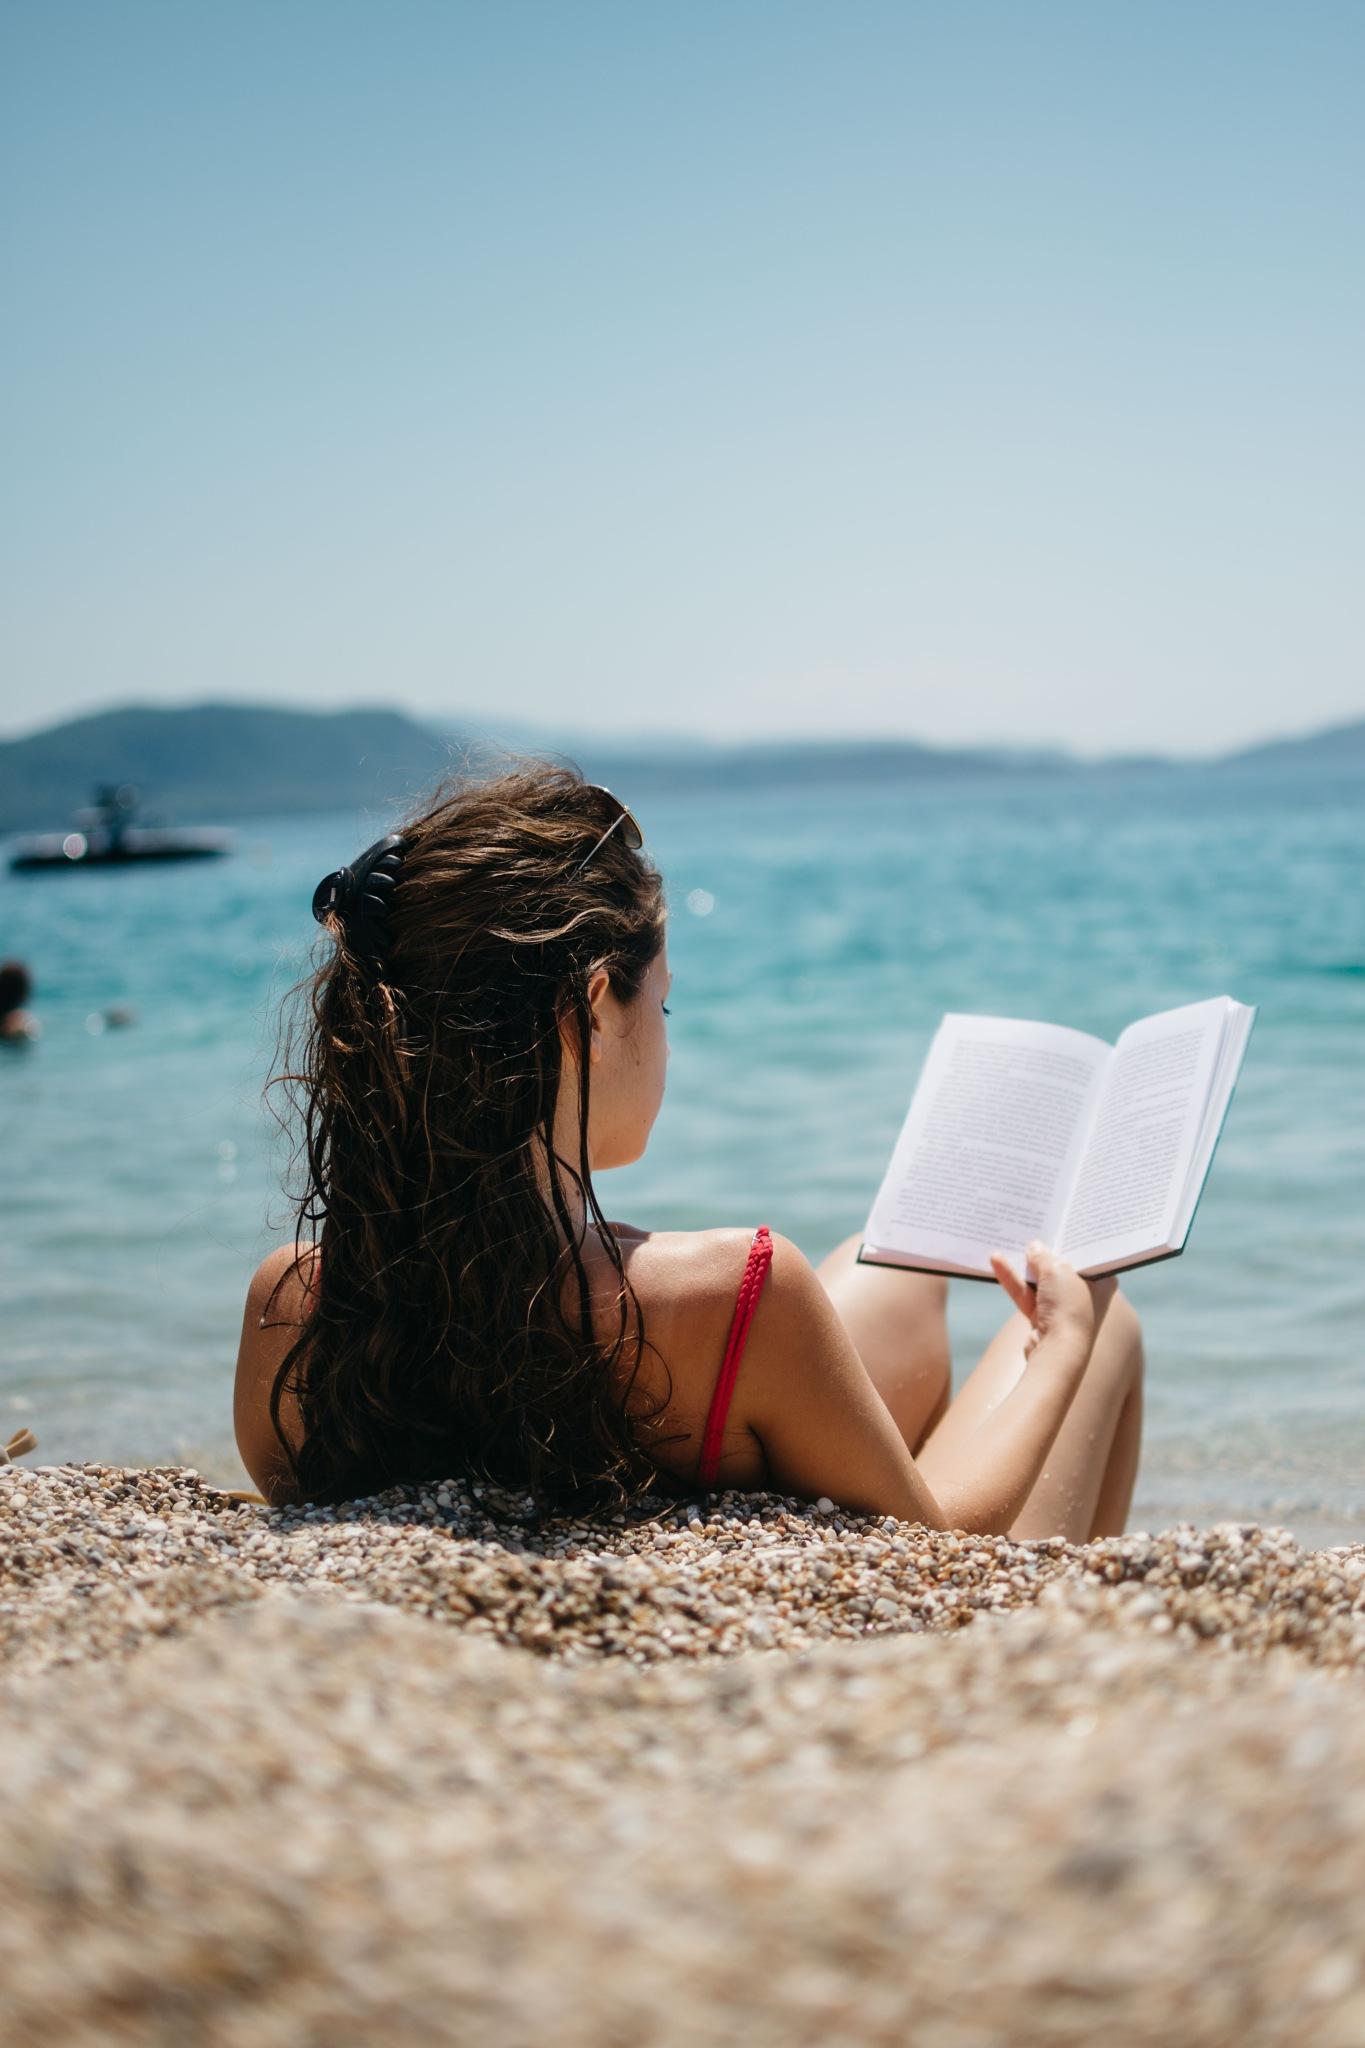 Girl read a book on a beach by Vuk Šarić